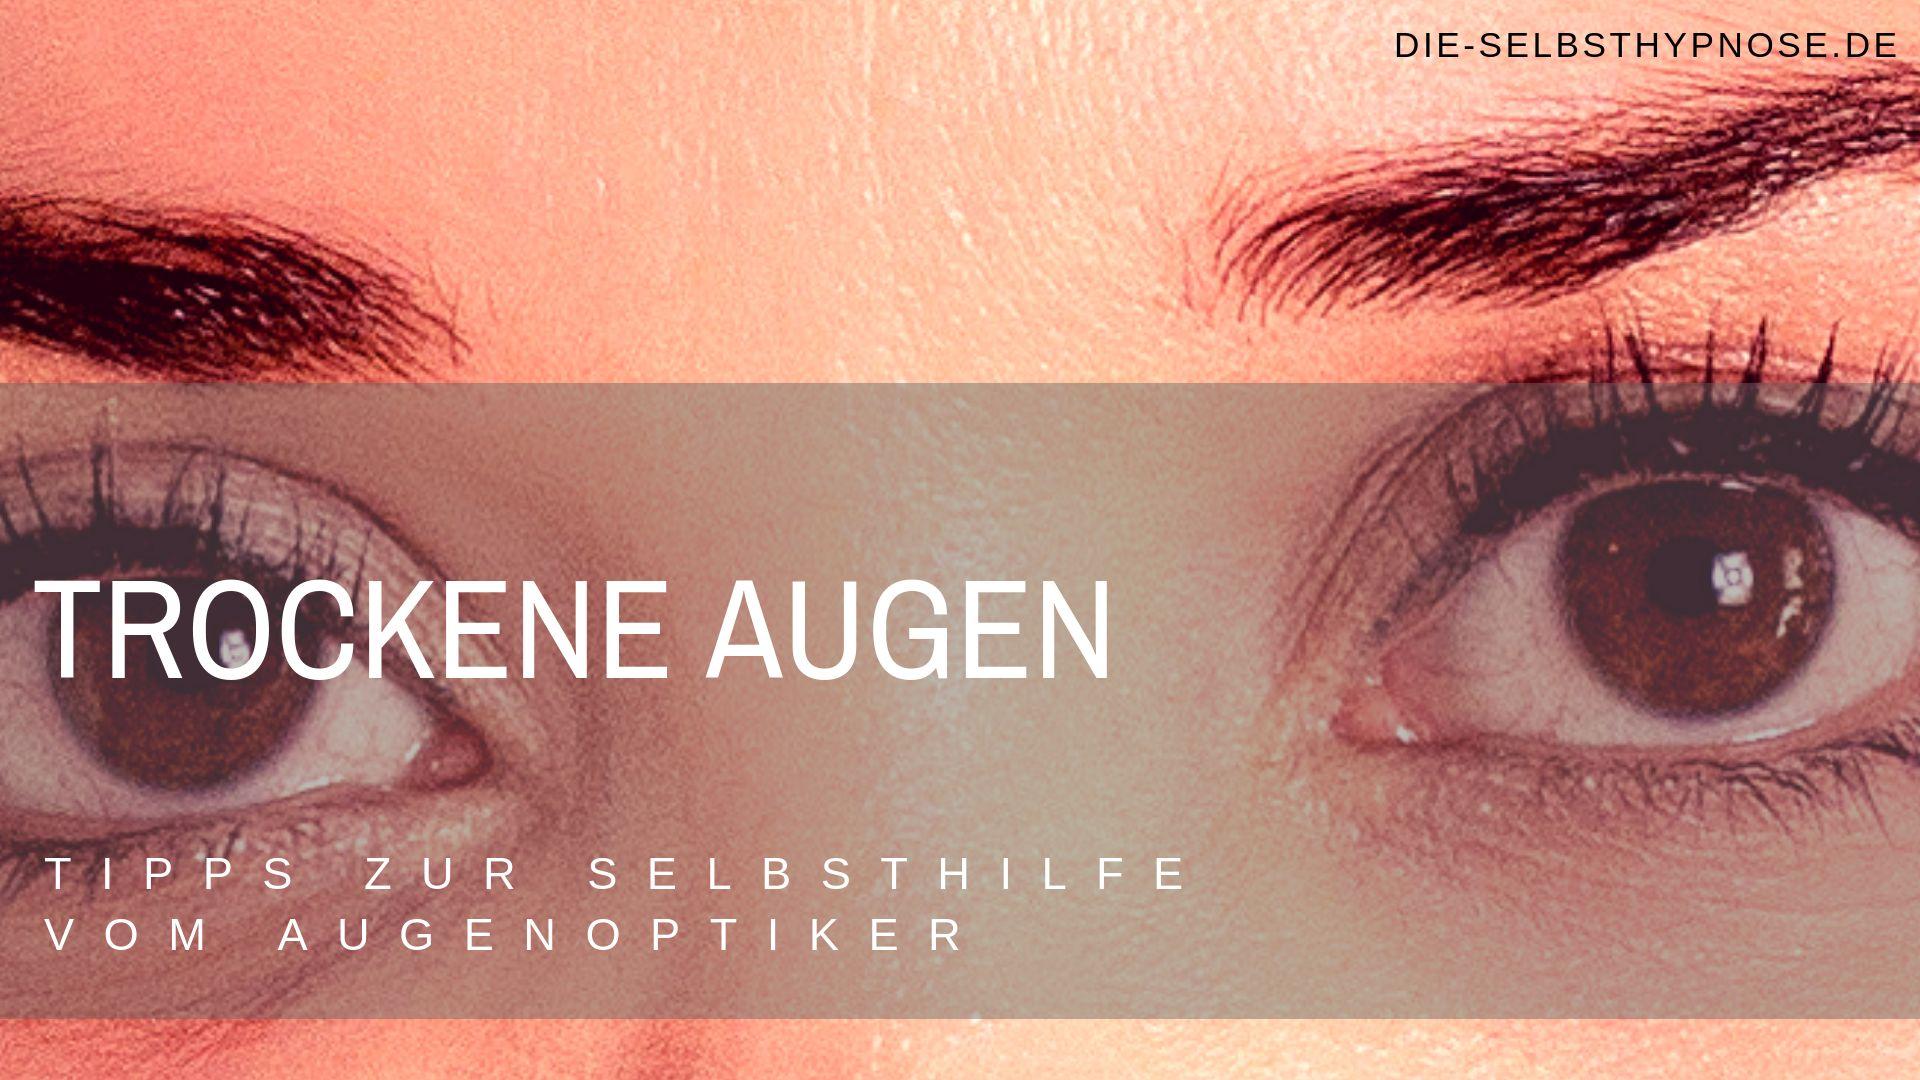 Trockene Augen - Tipps zur Selbsthilfe